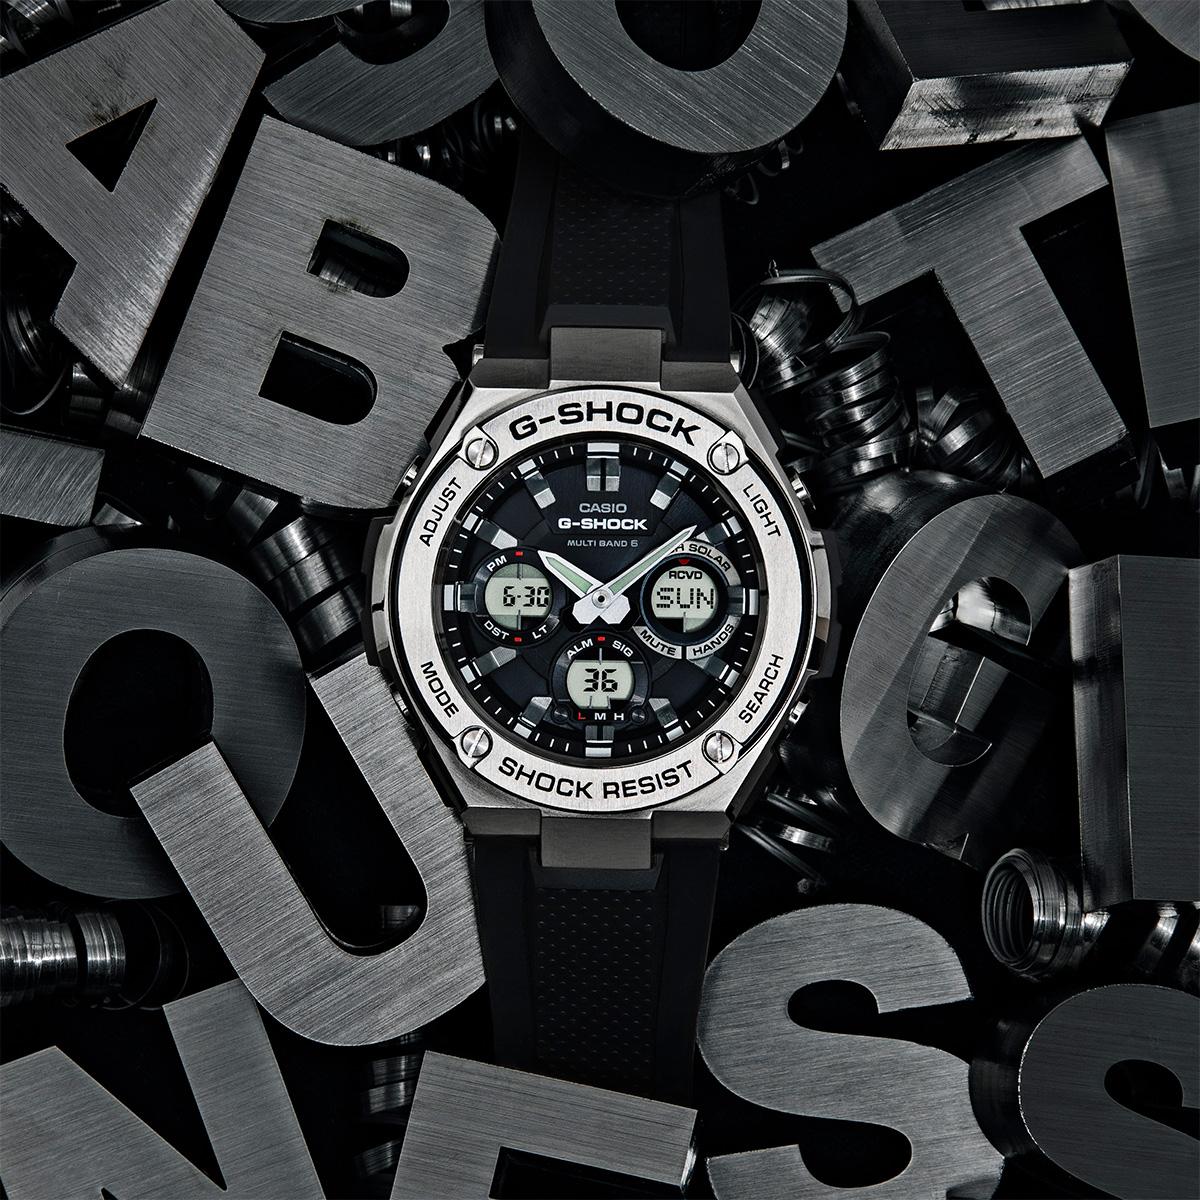 Relógio G-Shock G-Steel GST-S110-1ADR